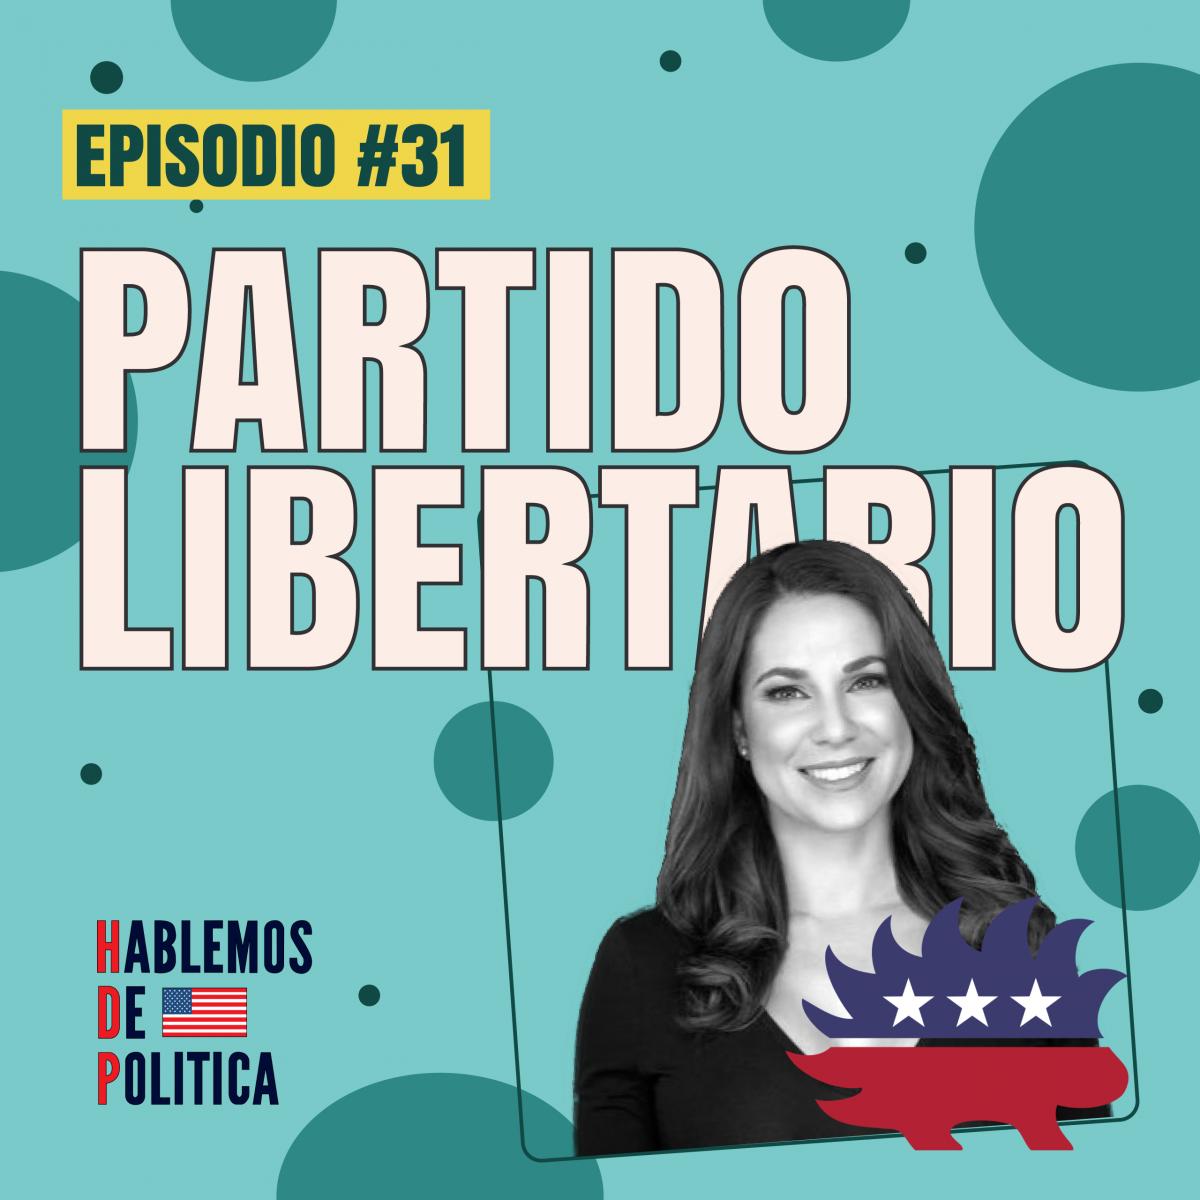 Partido Libertario